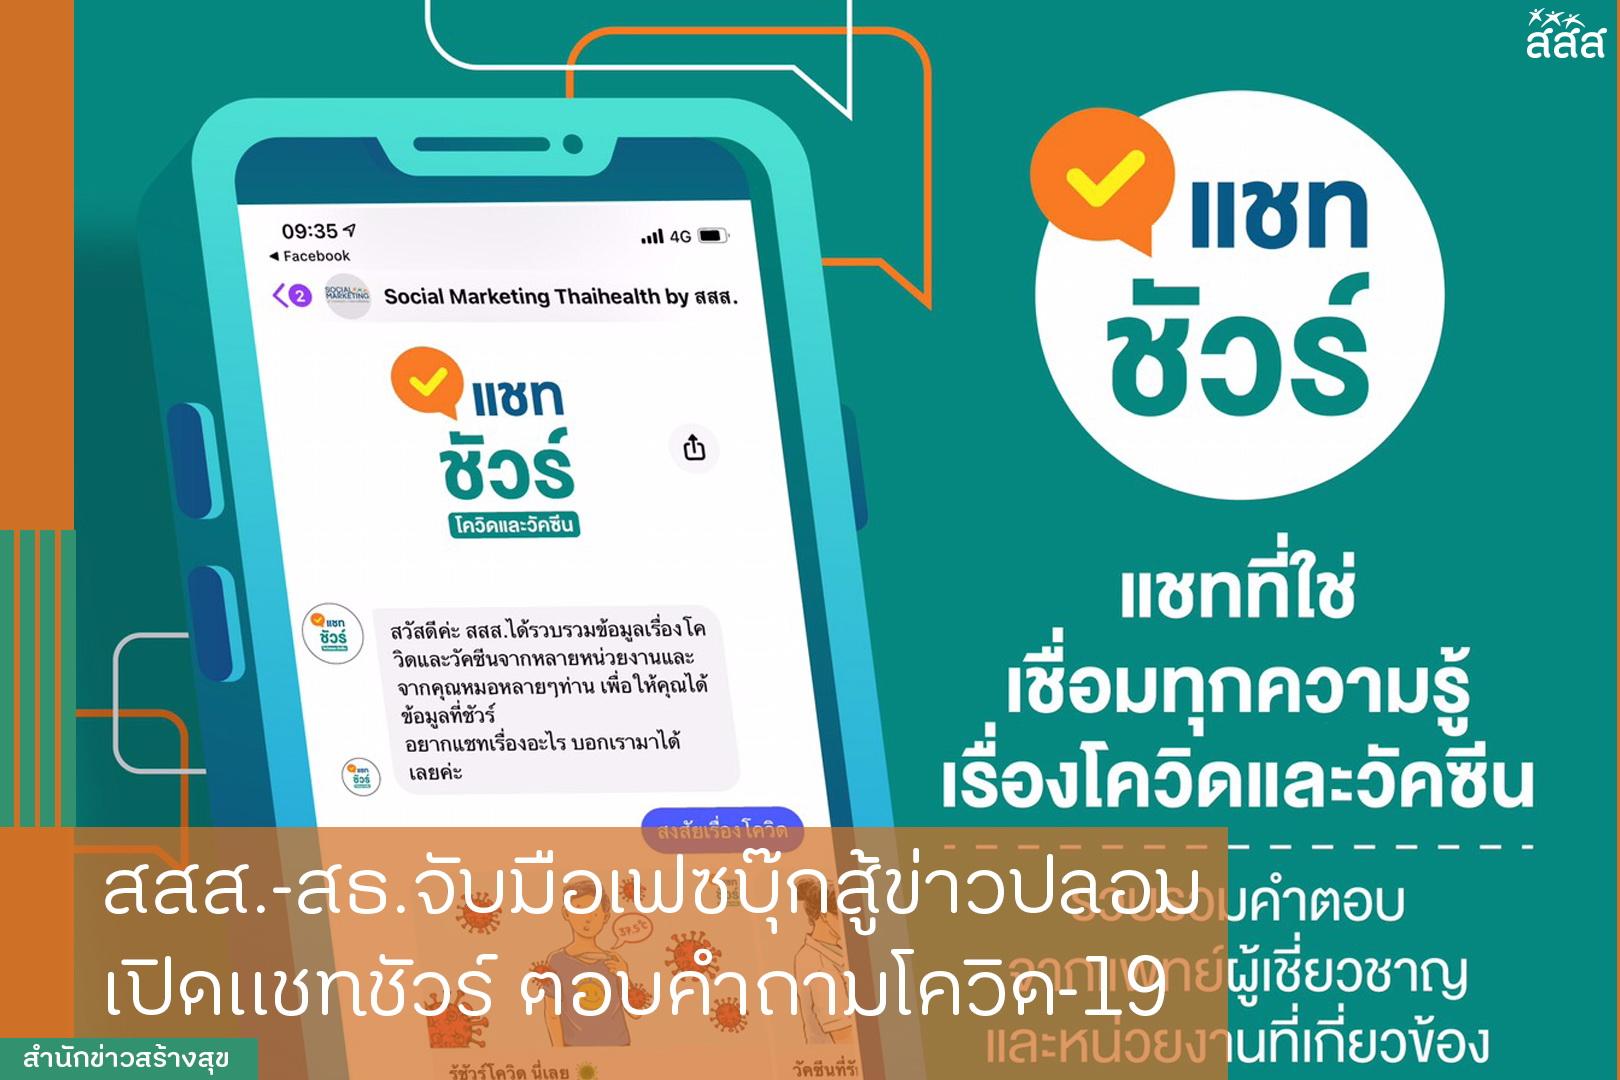 สสส. - สธ.จับมือเฟซบุ๊กสู้ข่าวปลอม เปิดแชทชัวร์ตอบคำถามโควิด-19 thaihealth